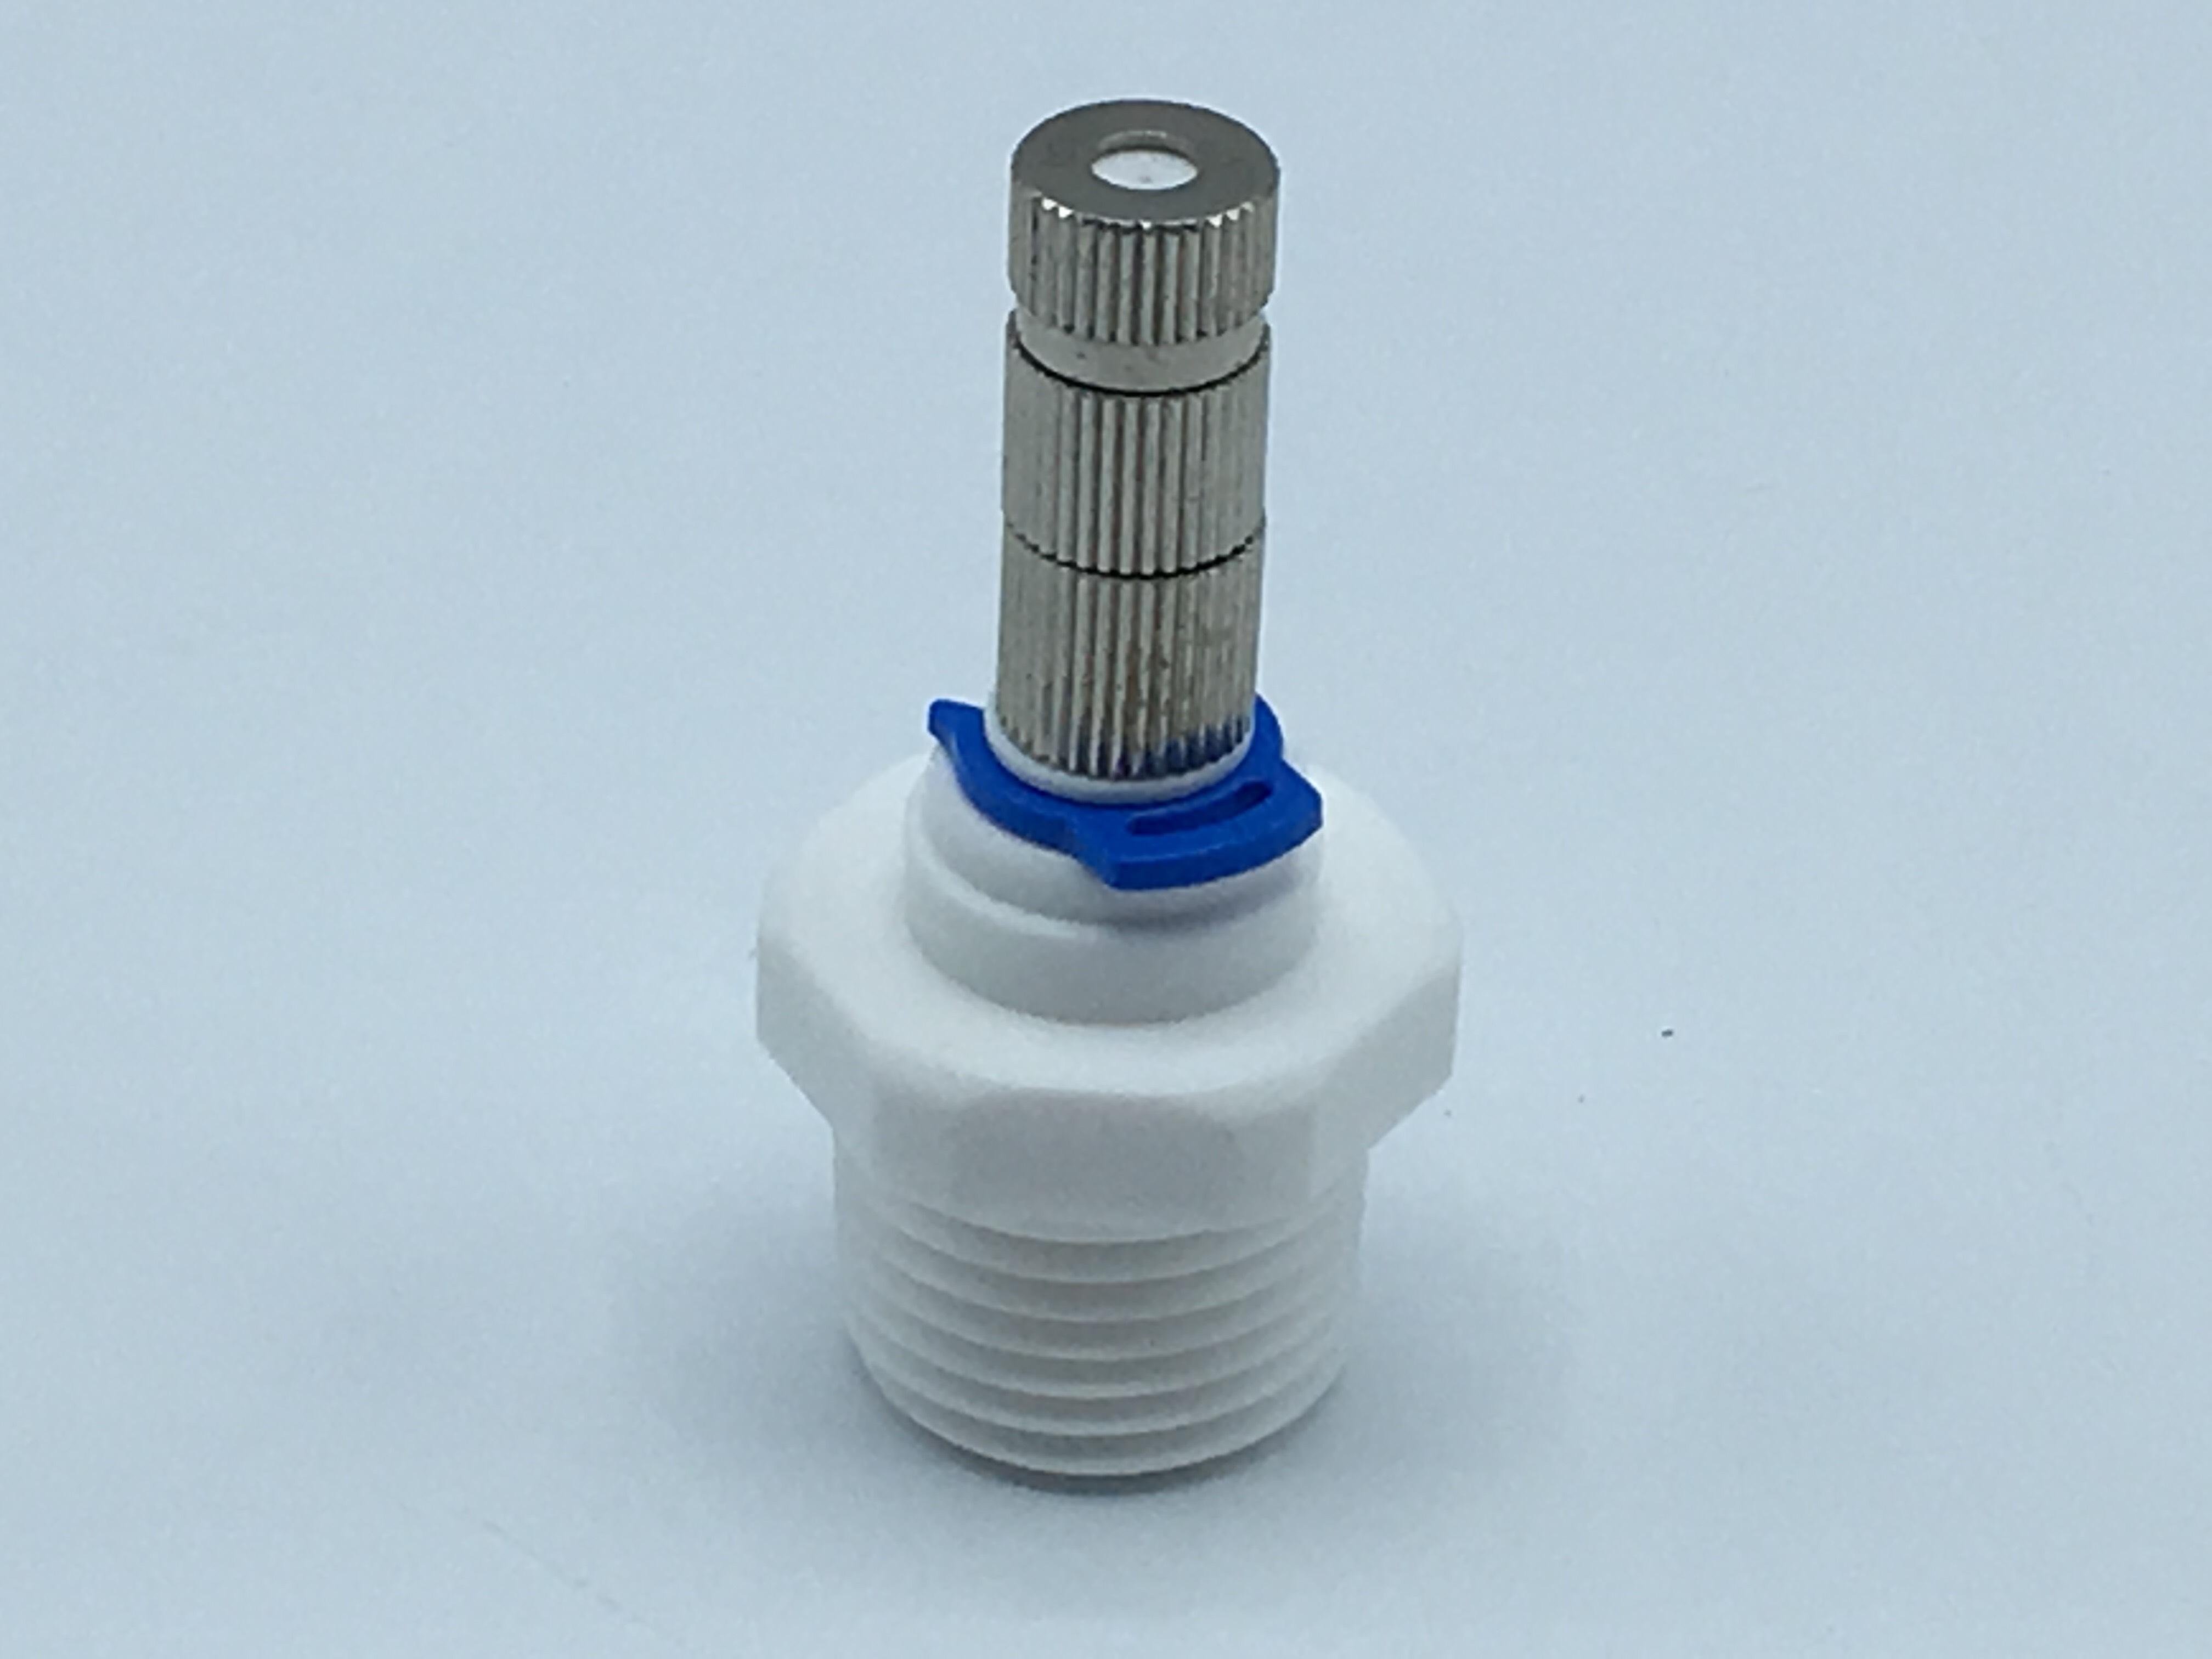 """หัวพ่นหมอกละเอียด 0.1 มม. แบบมีกรอง + ข้อต่อพลาสติกเกลียวนอก 1/2"""" ( ใช้ต่อกับท่อ PVC 1/2"""" เหมาะสำหรับปั๊ม 9 บาร์ขึ้นไป )"""